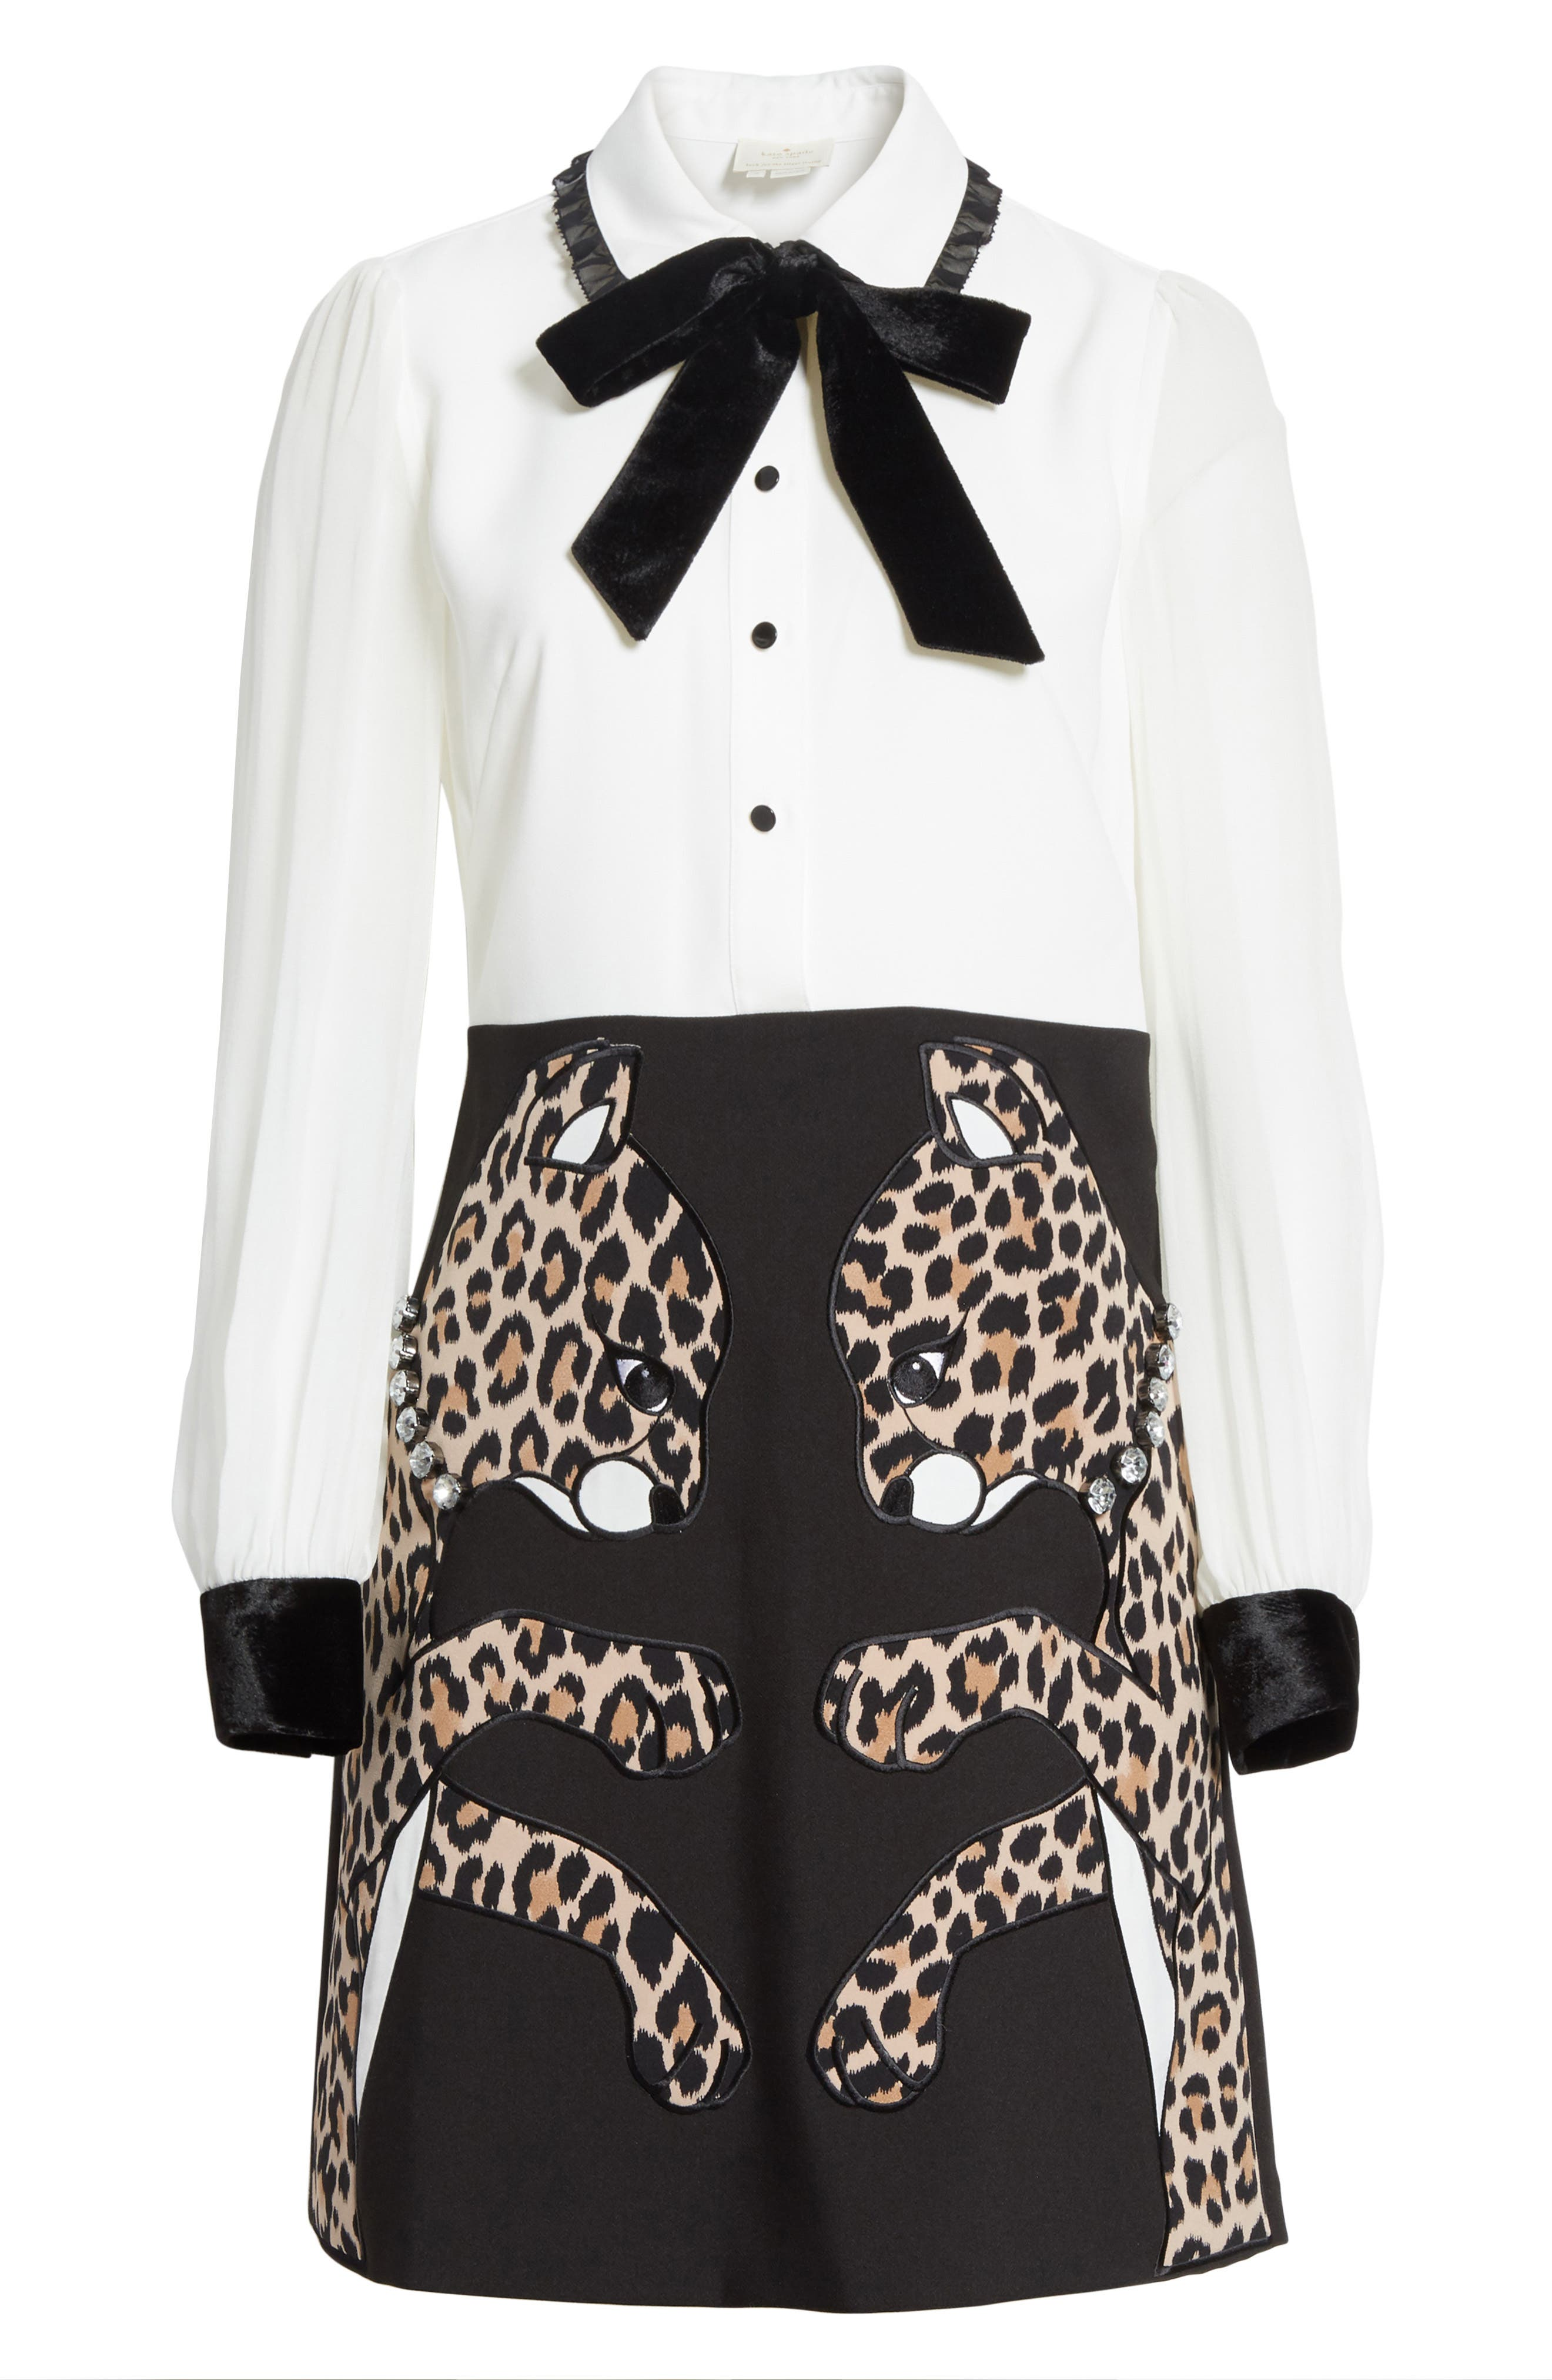 leopard appliqué shirtdress,                             Alternate thumbnail 6, color,                             001